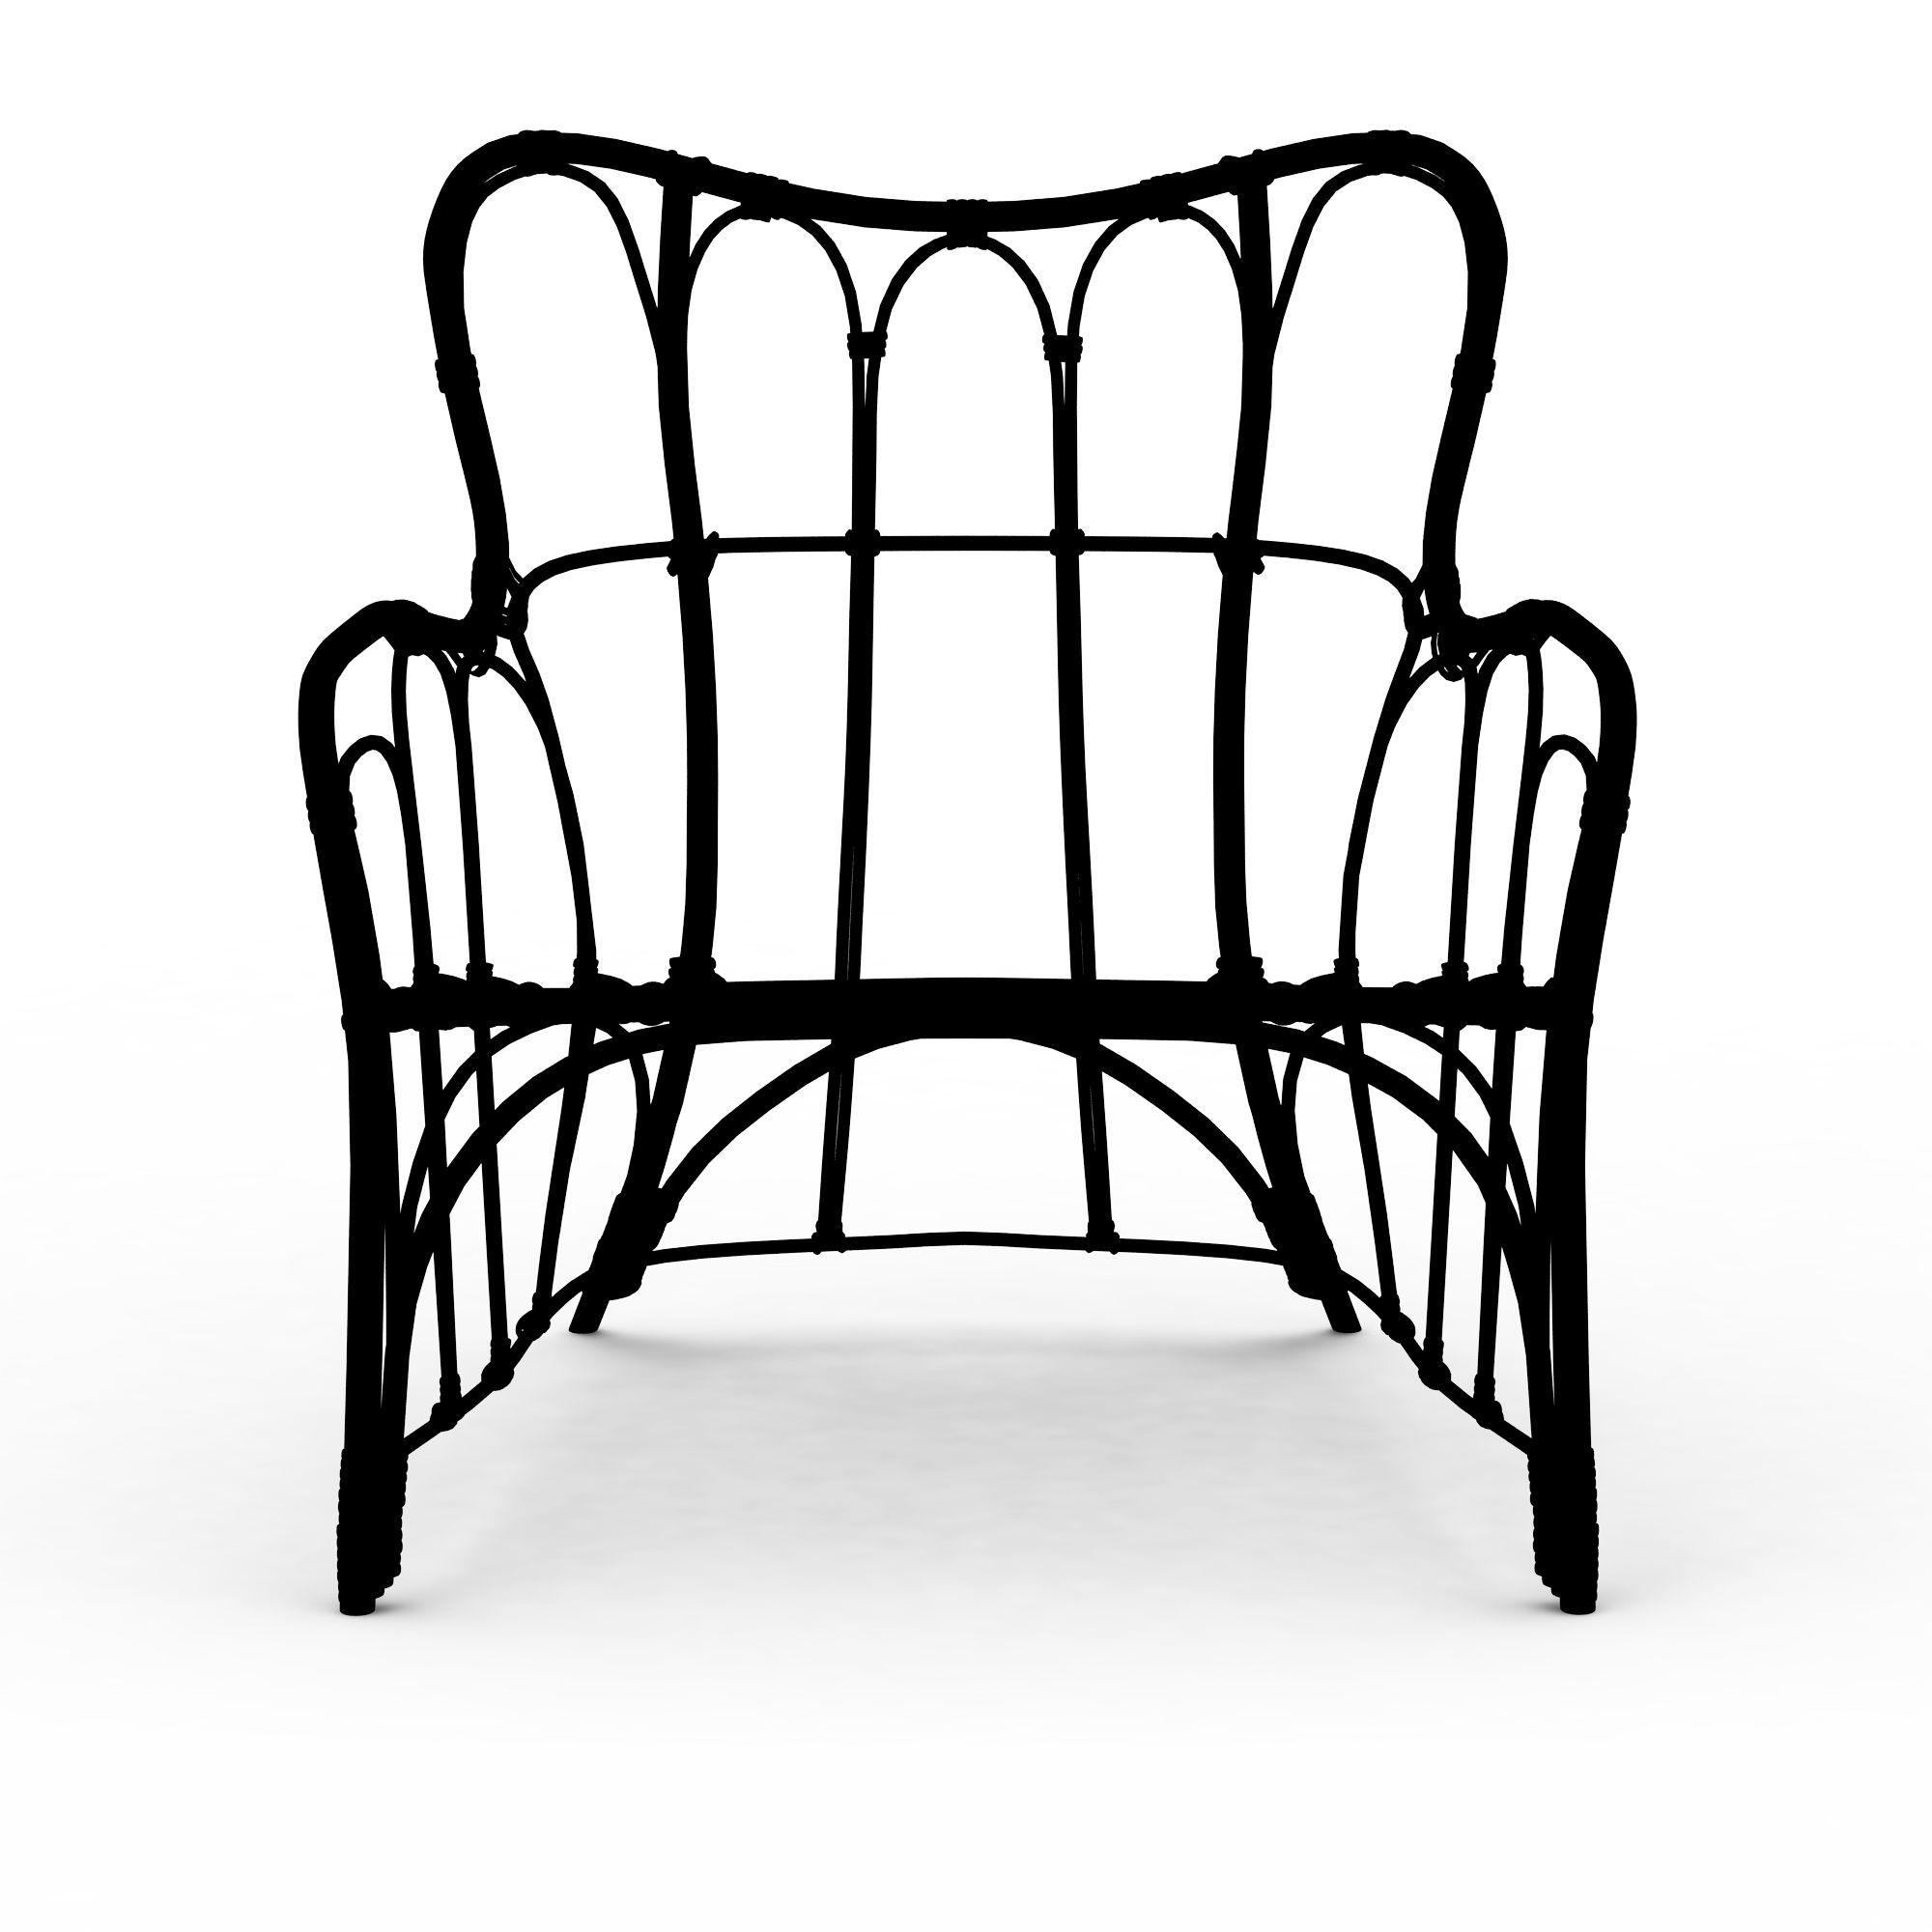 铁艺椅子囹�a_铁艺椅子高清图下载